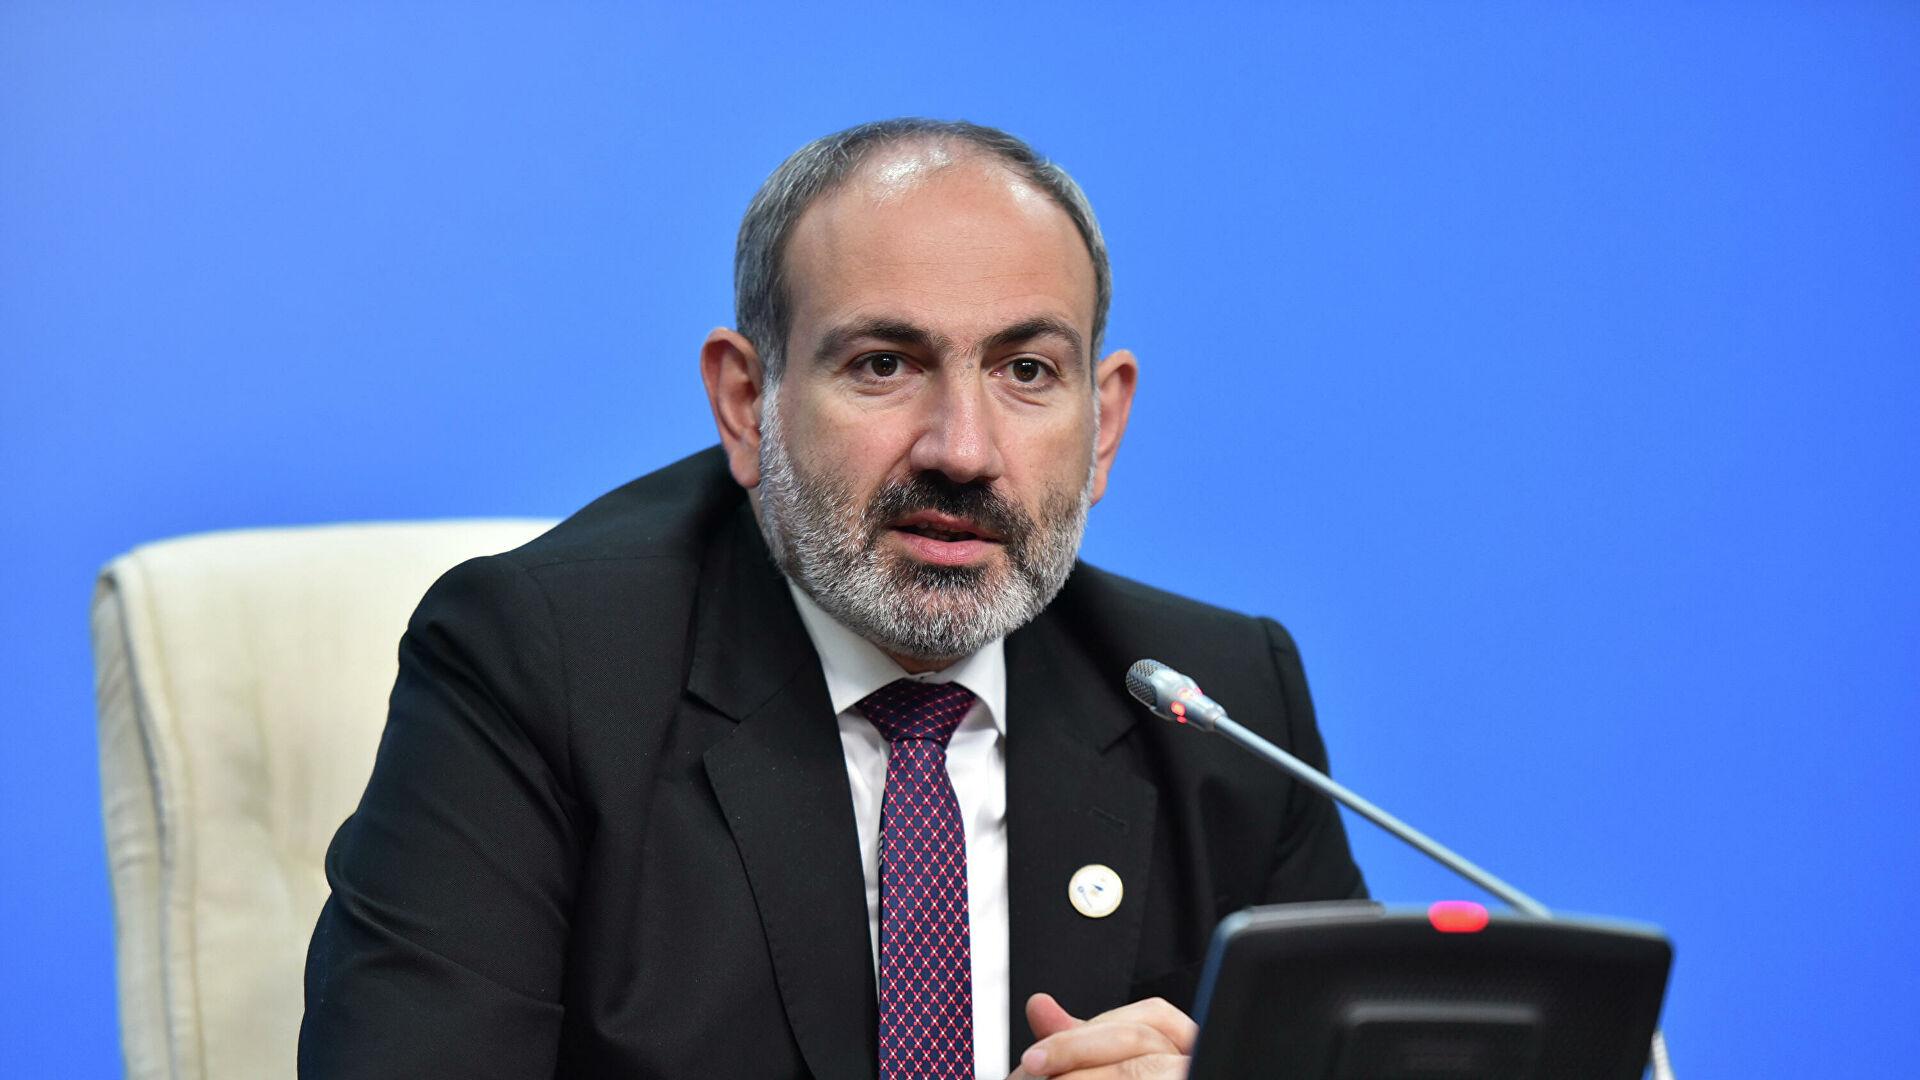 Јерменски премијер поднео оставку